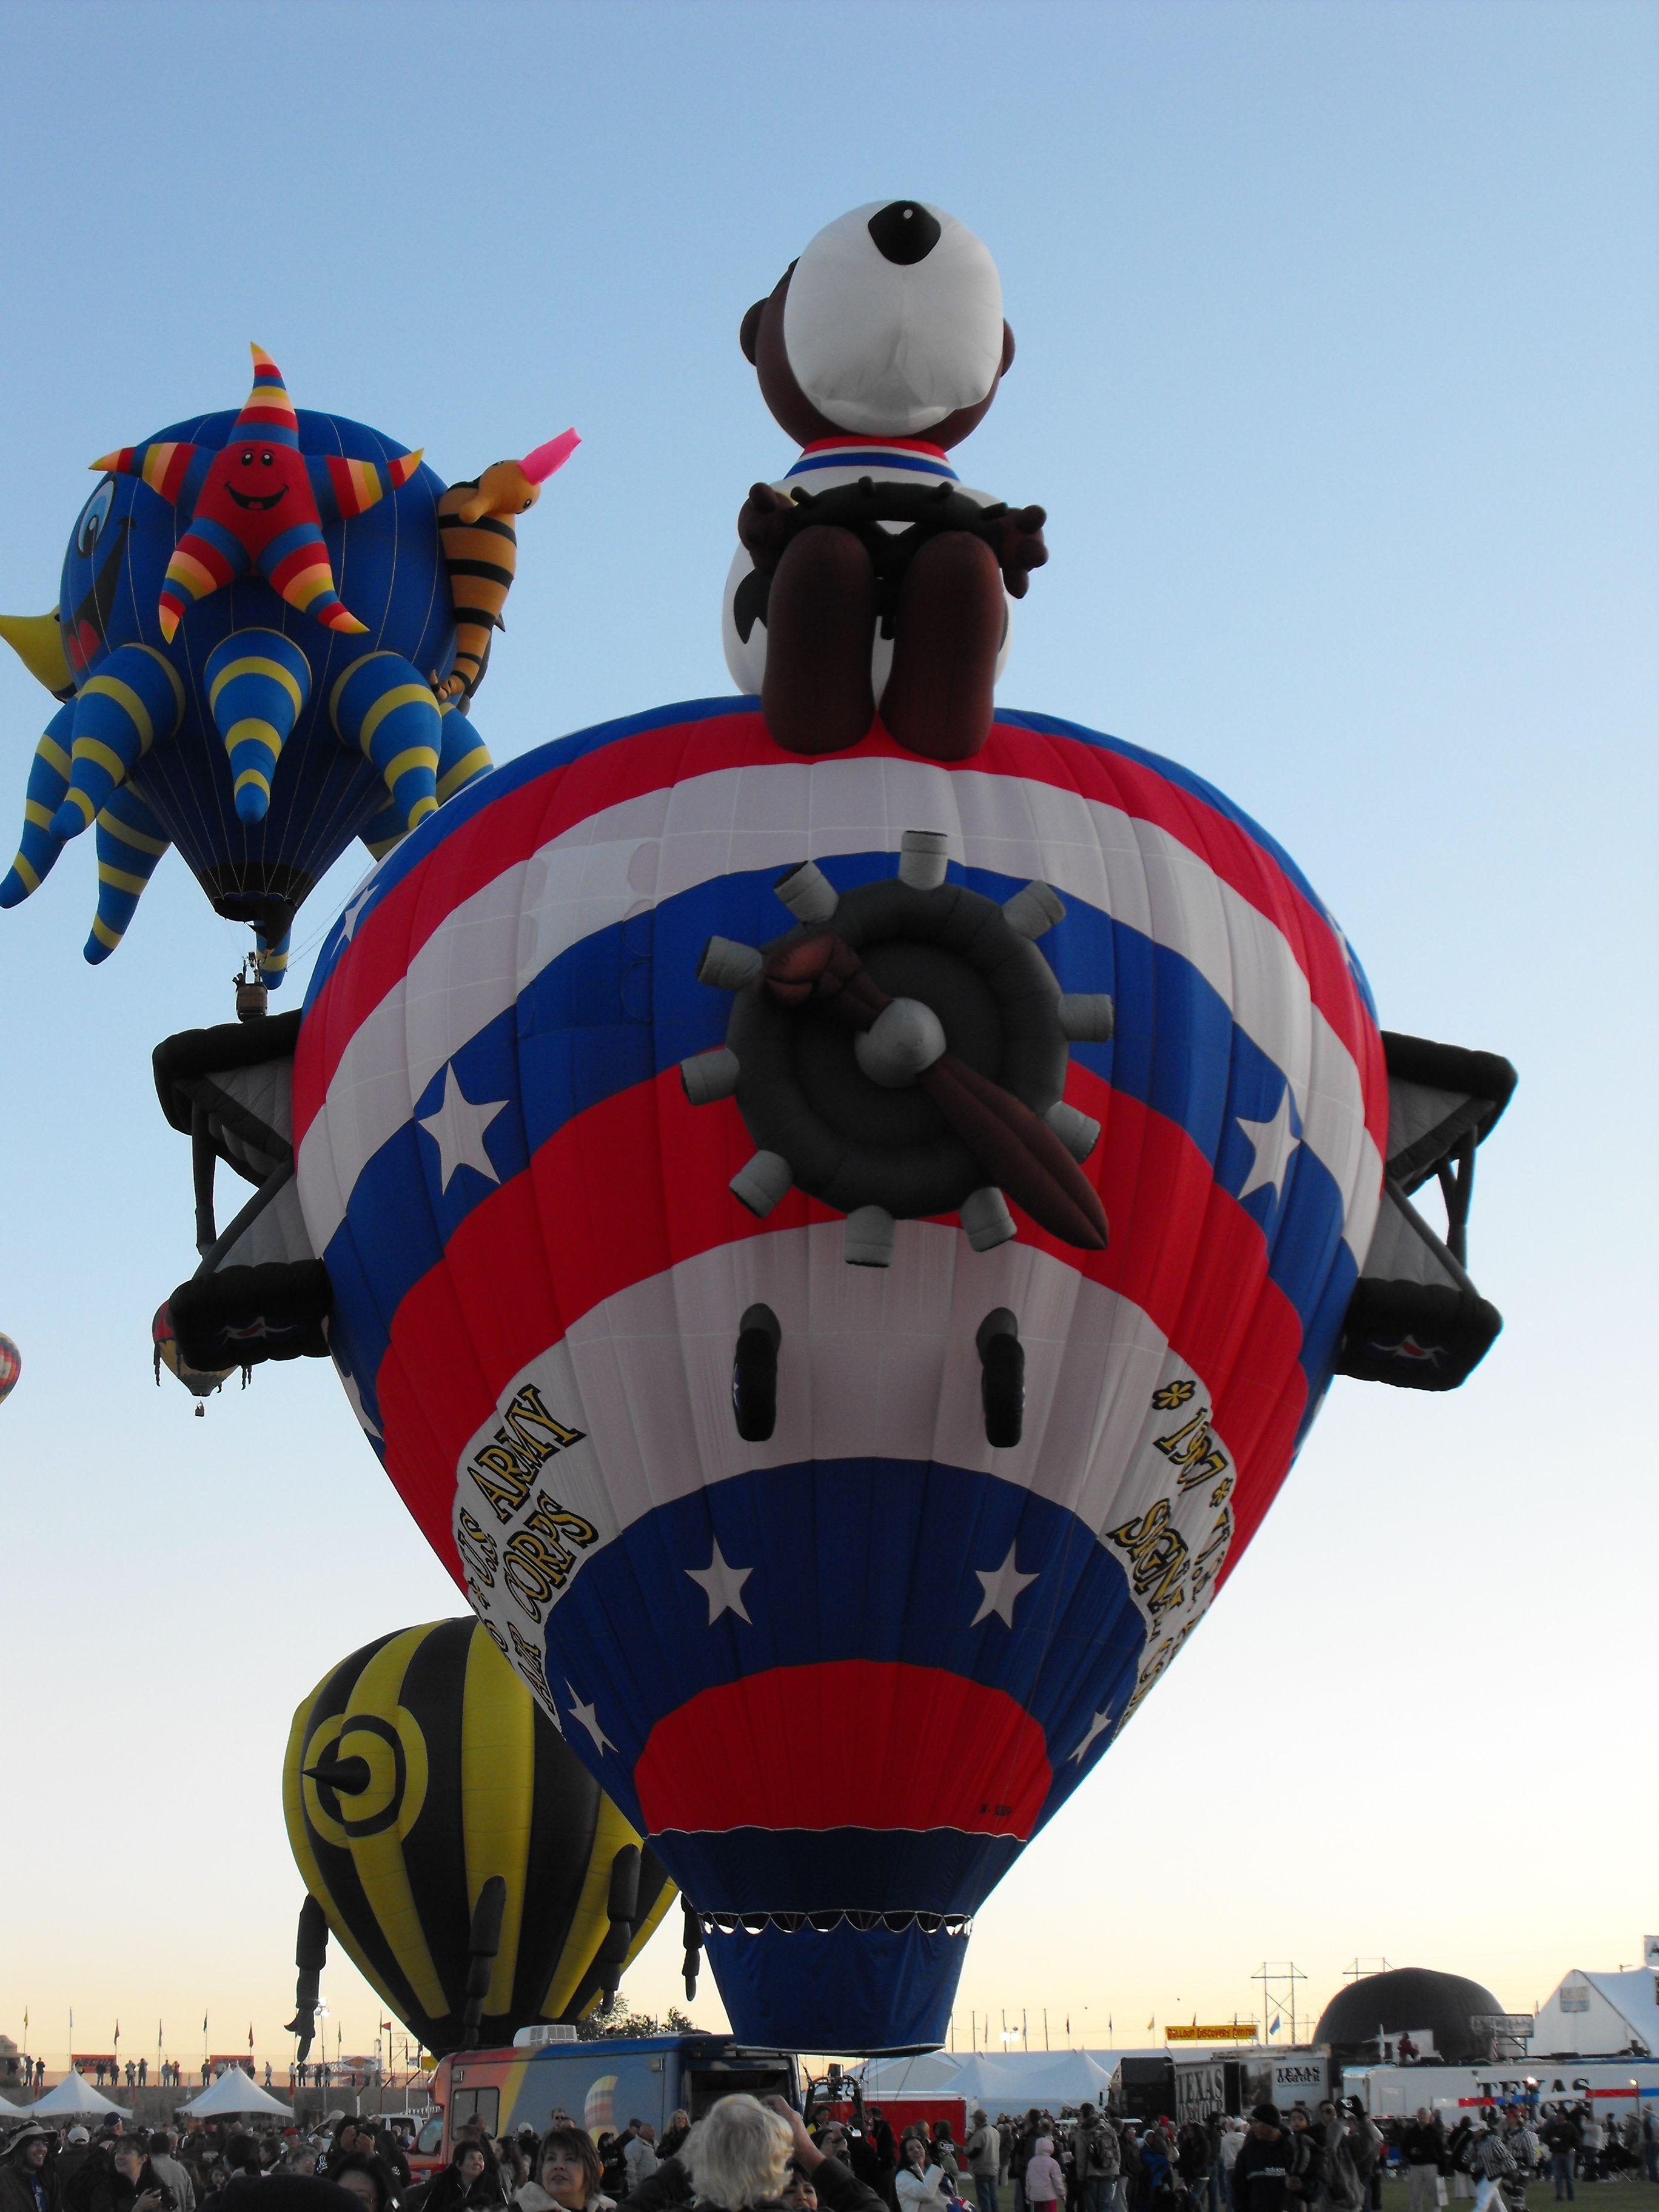 2009 Albuquerque Balloon Fiesta, Friday morning shaped